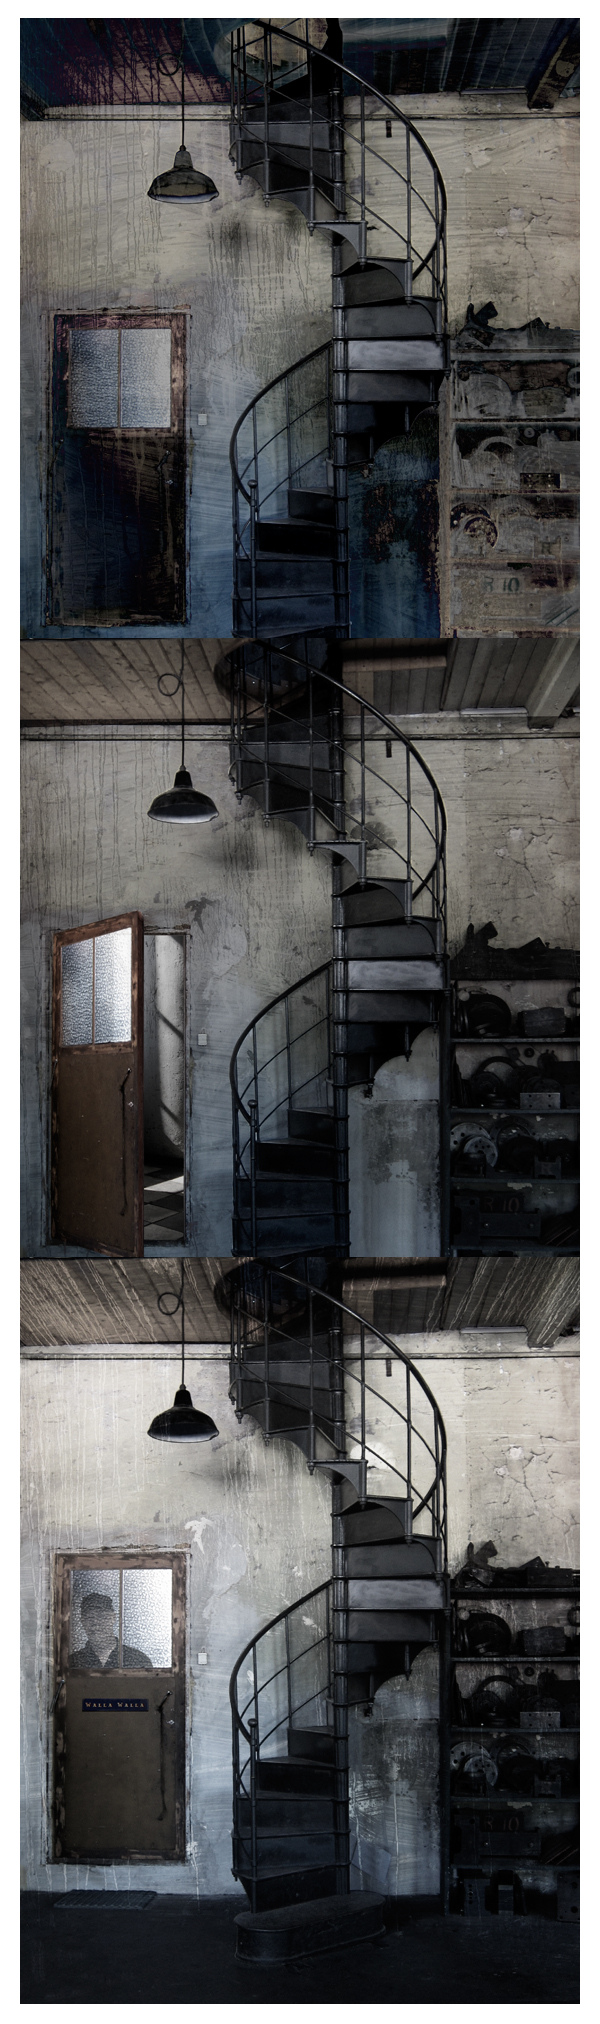 Spiral staircase trio by derkert